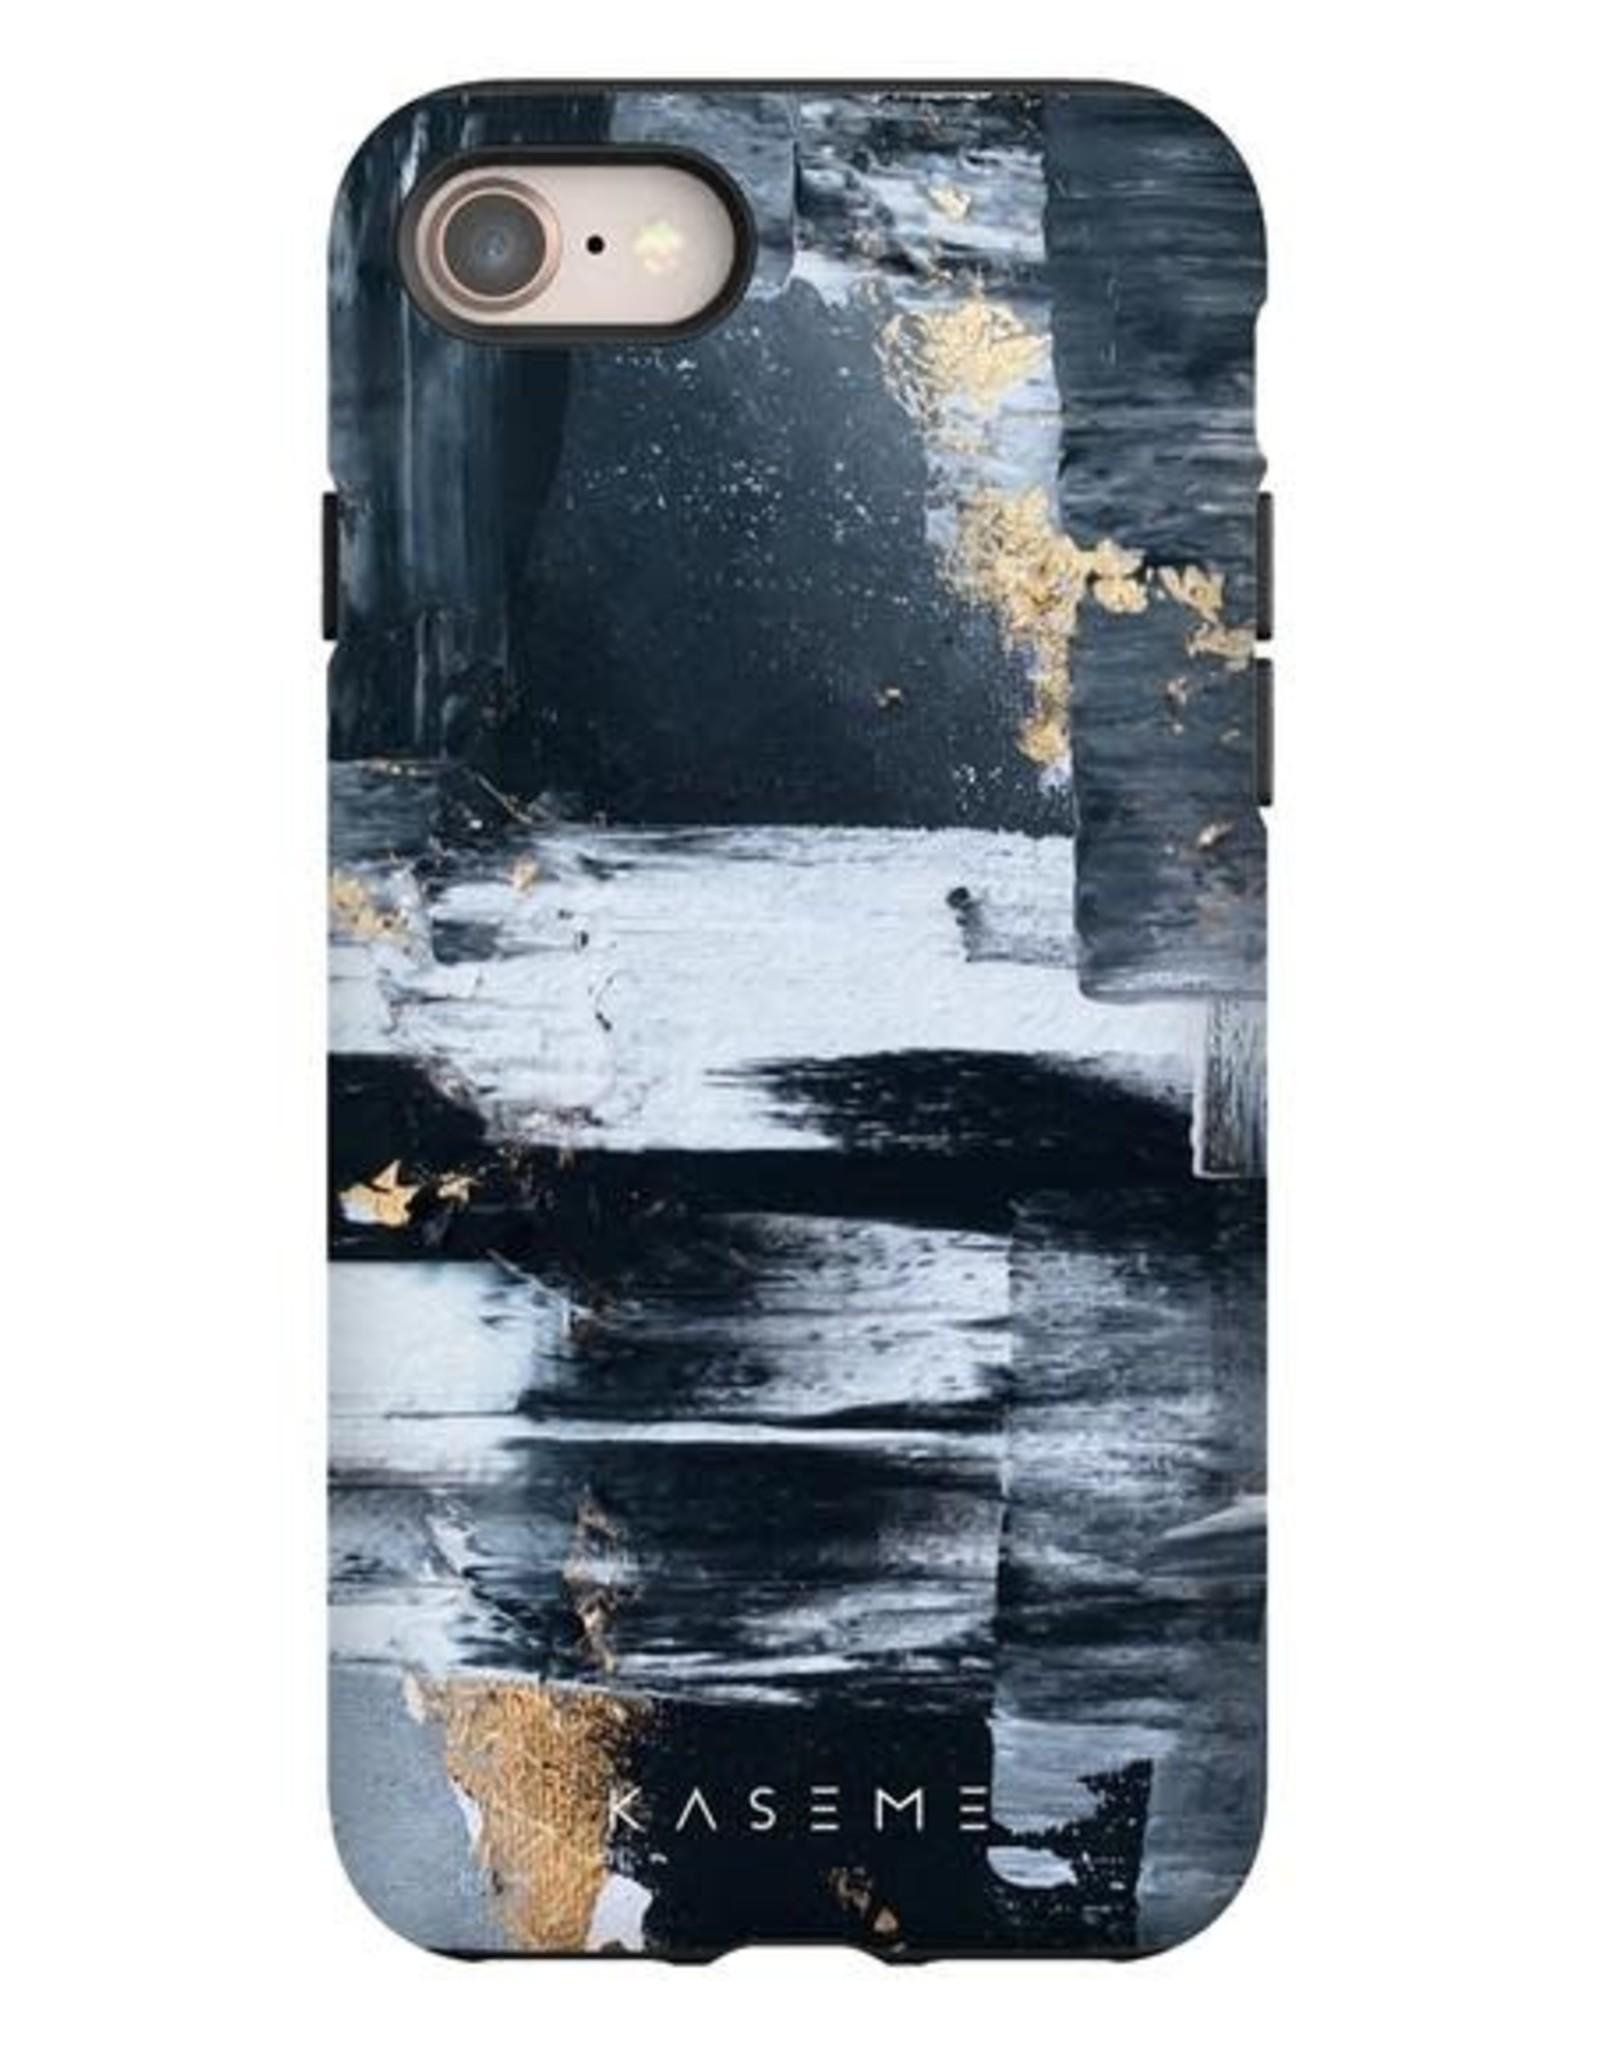 Kaseme Kaseme - étui cellulaire  iPhone goldie